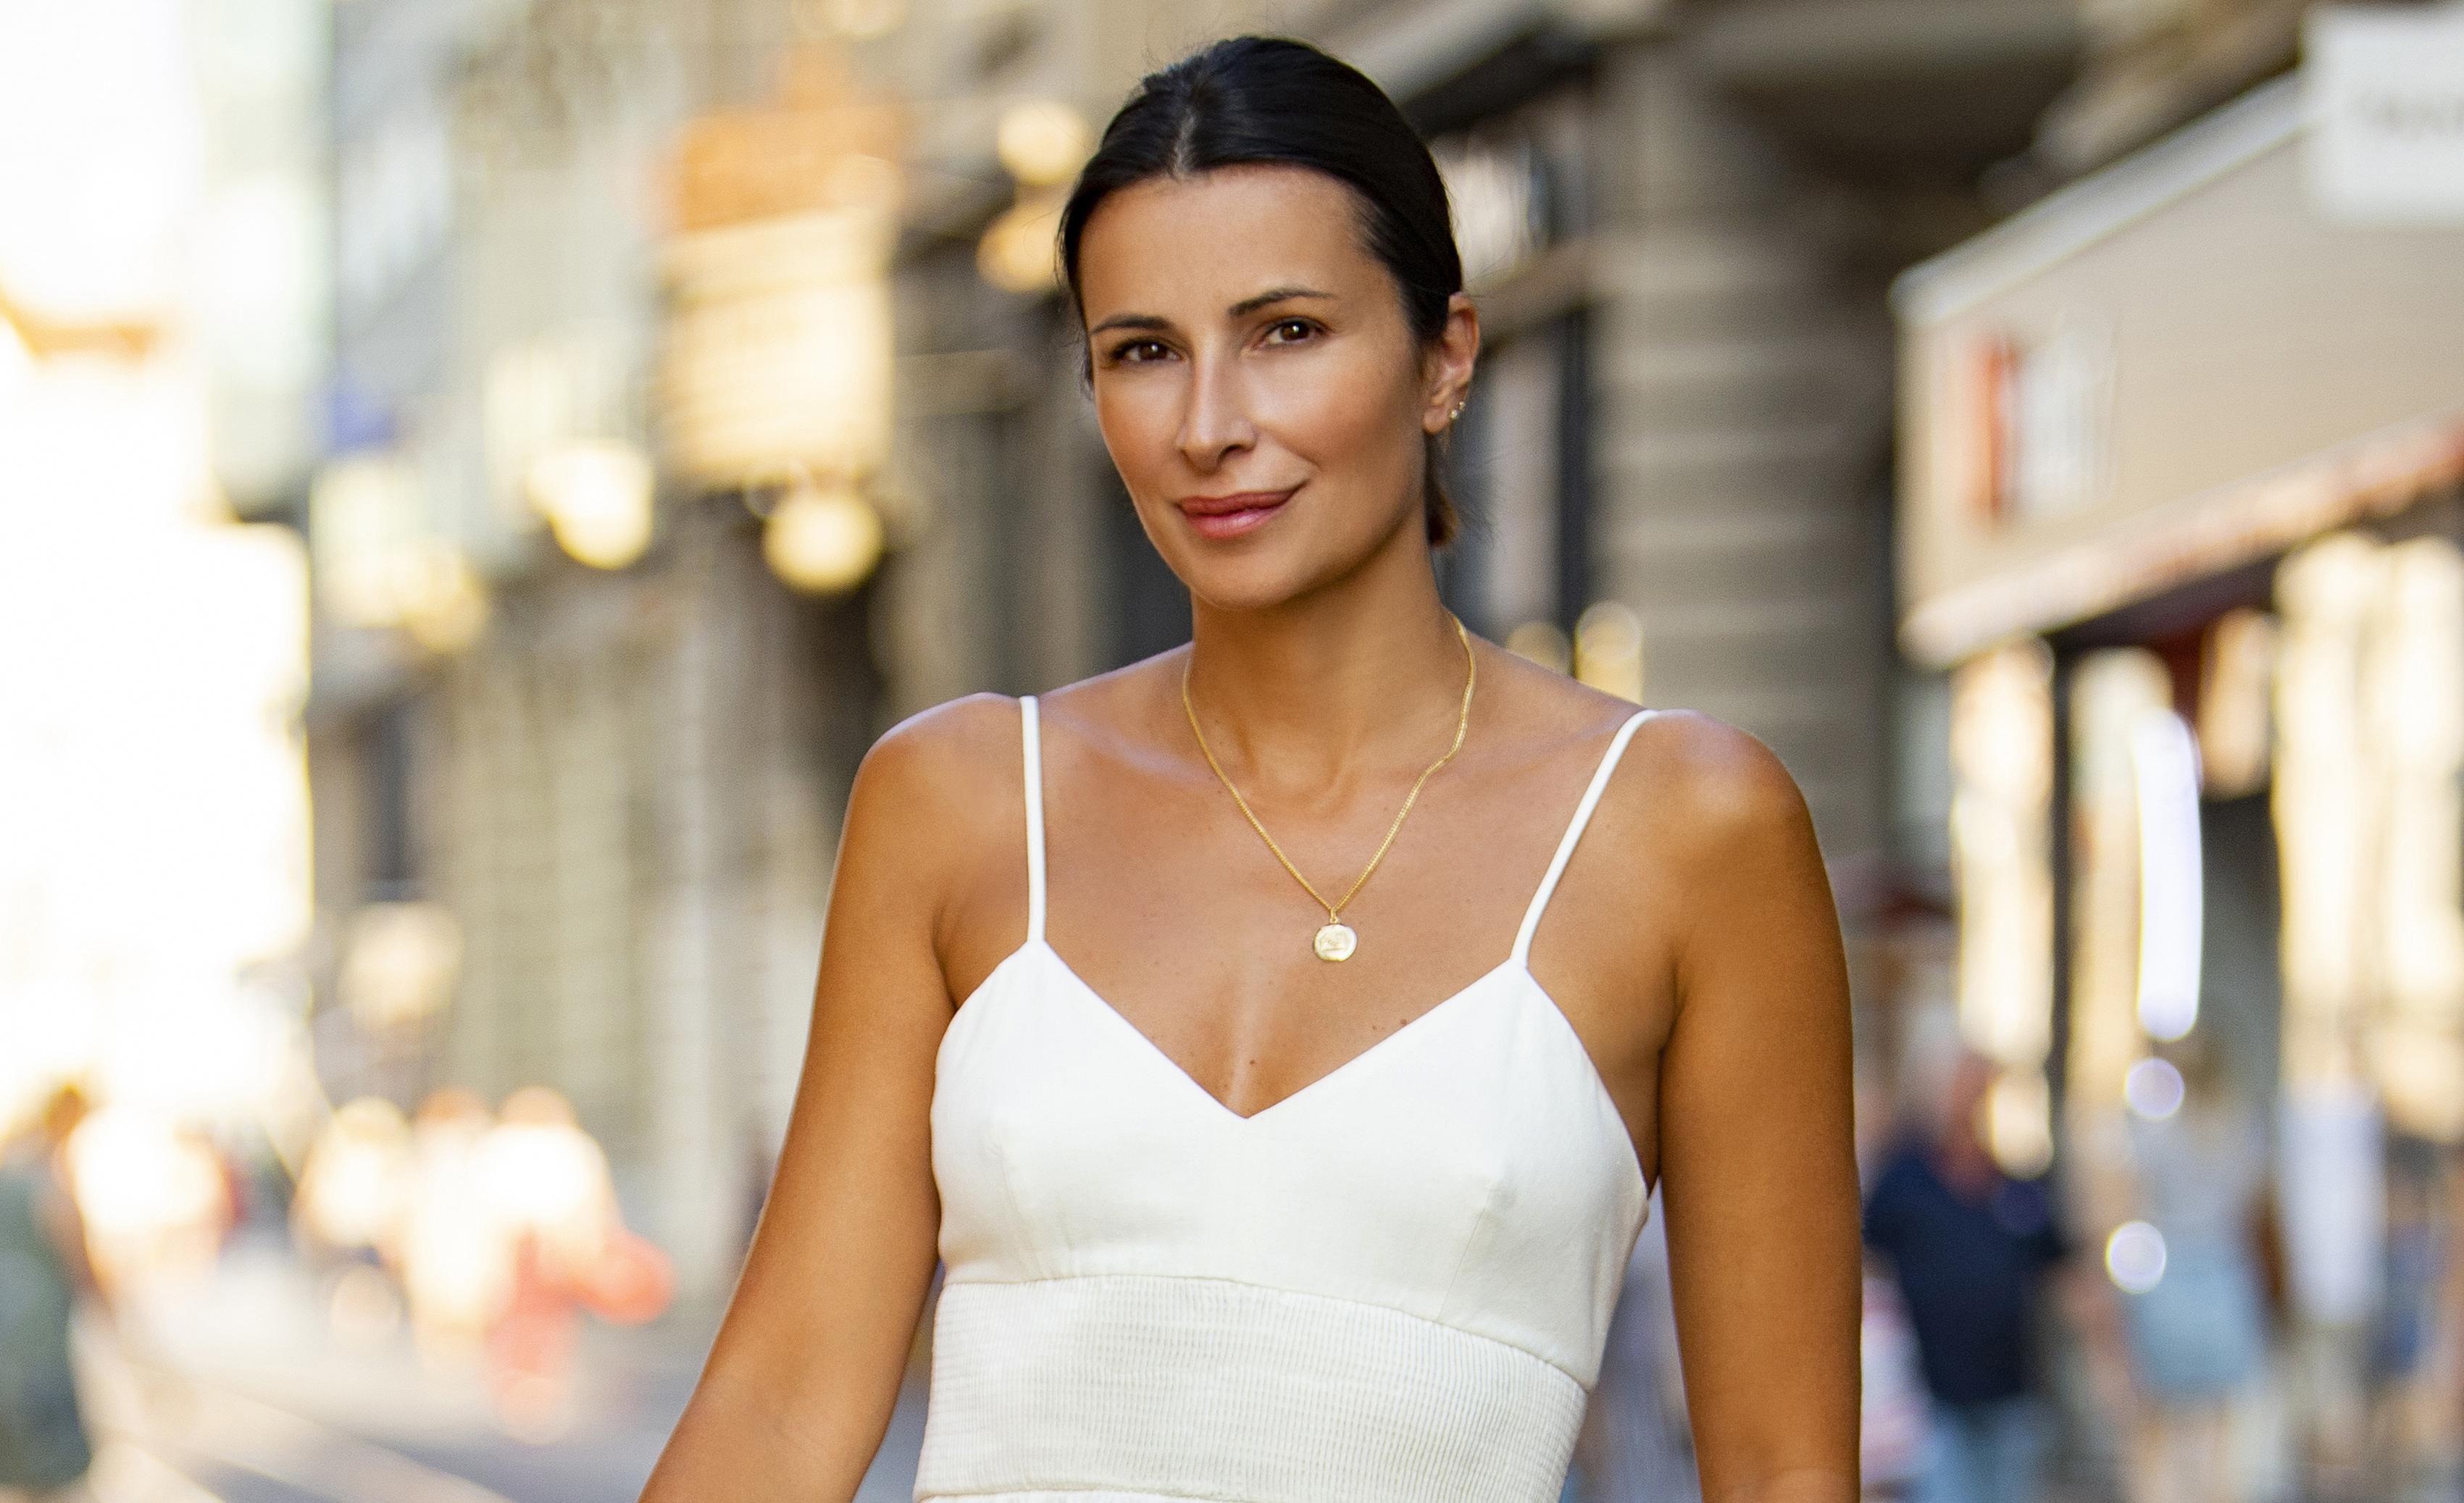 Iris Androšević Pinjuh bijela haljina pristaje kao salivena: Savršeno je istaknula njezinu preplanulu put